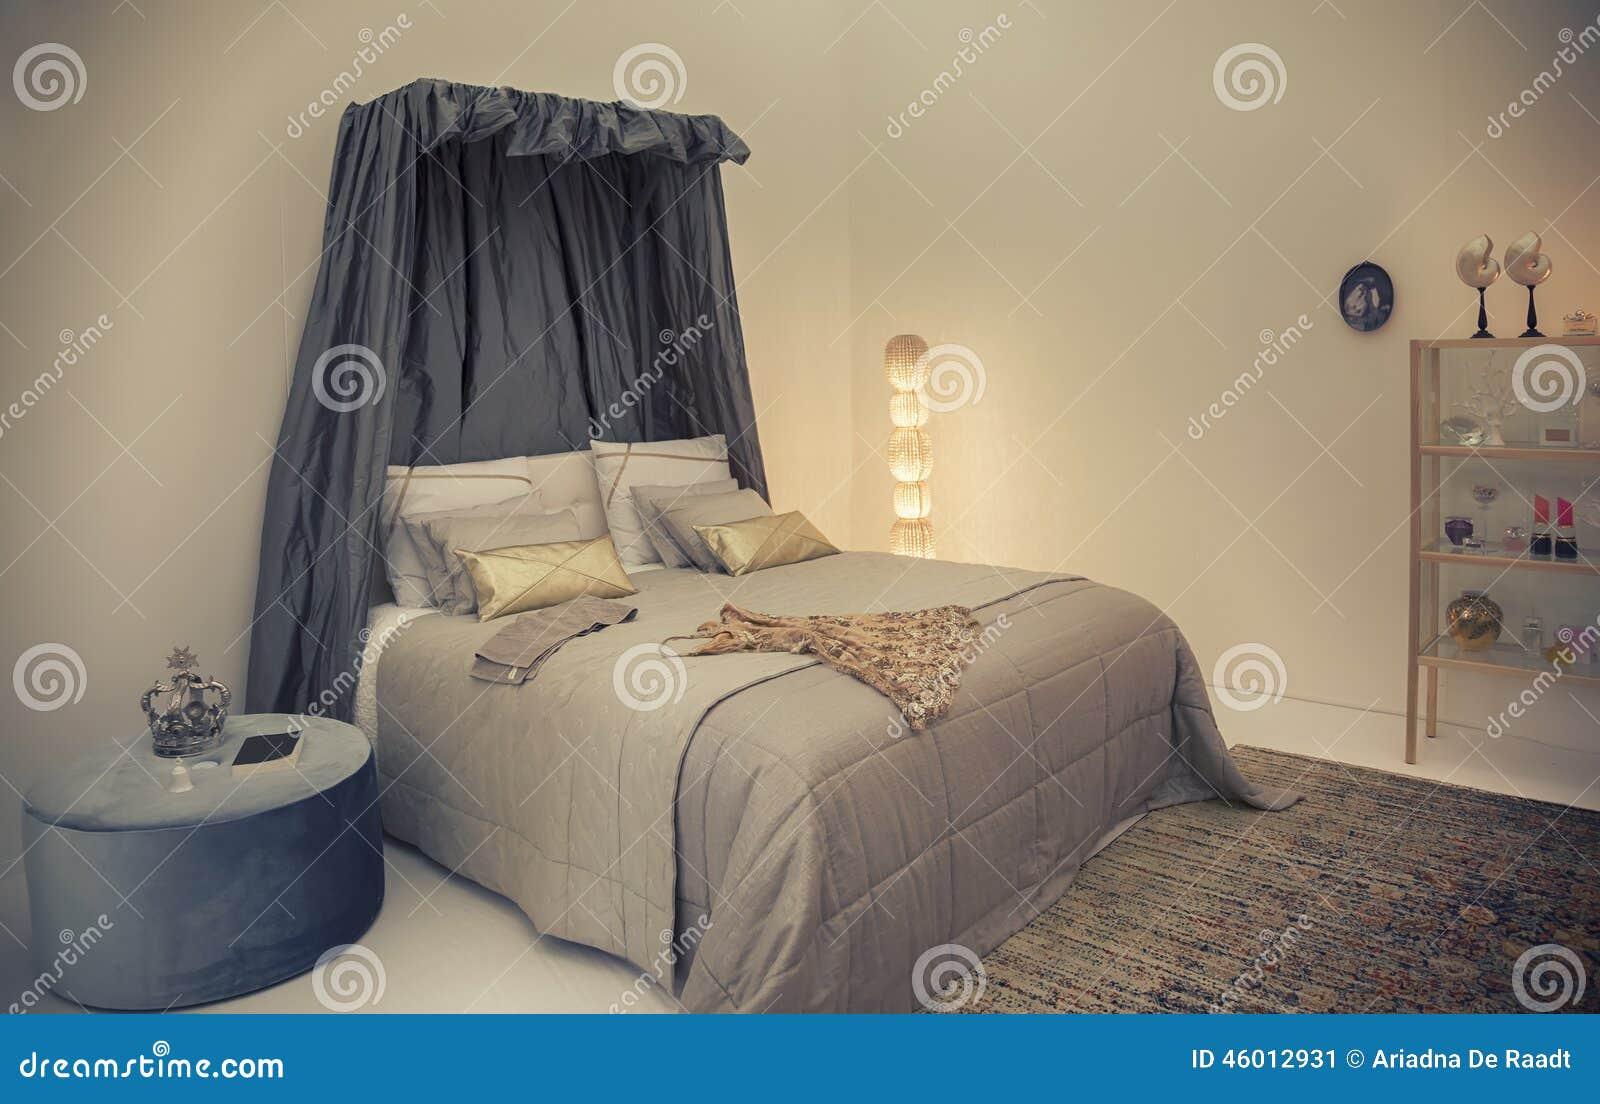 Säng i klassisk stil